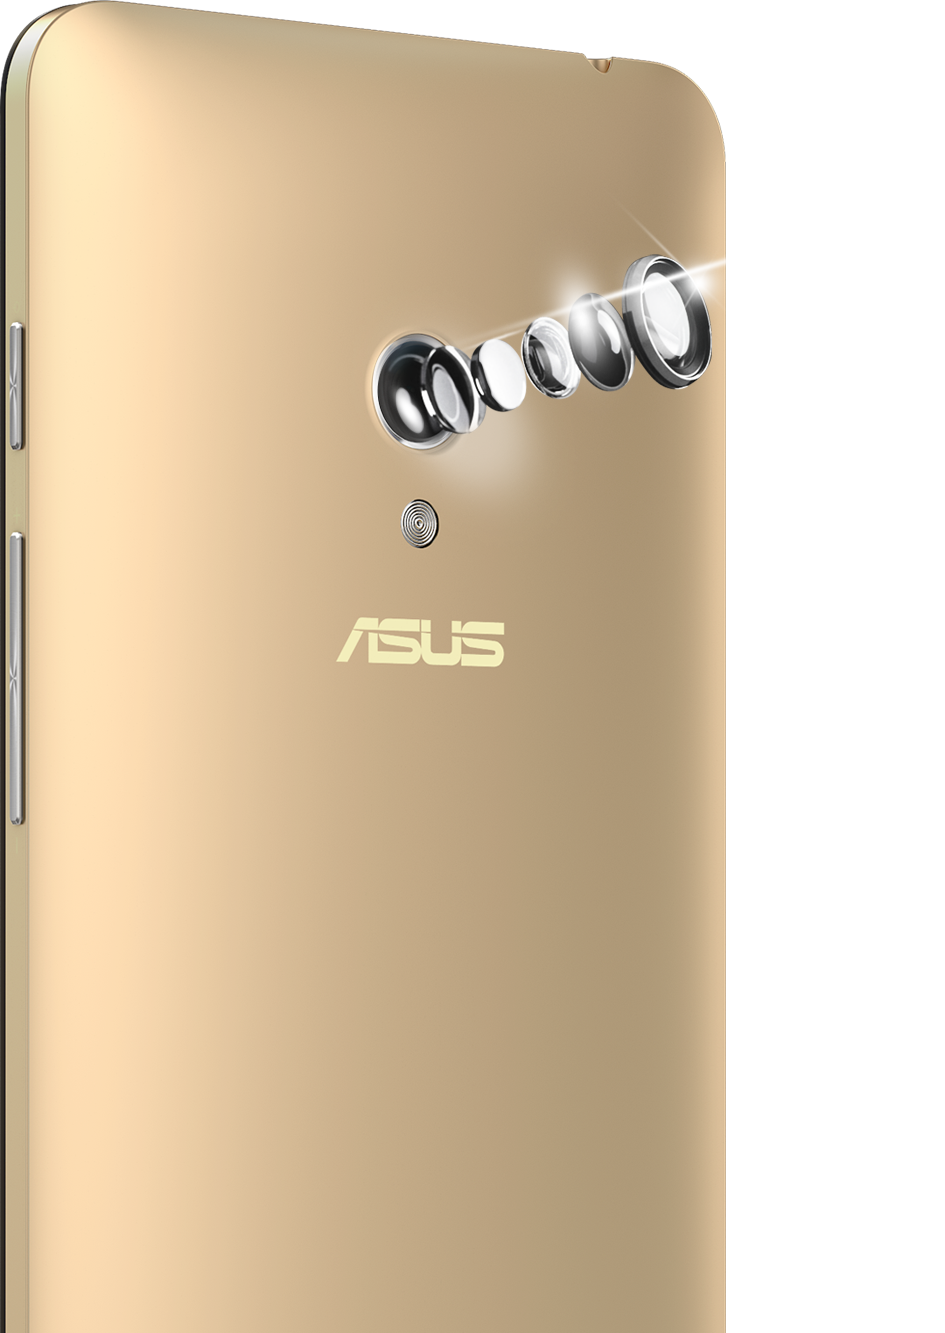 ASUS Zenfone Smartphone Android Terbaik PixelMaster